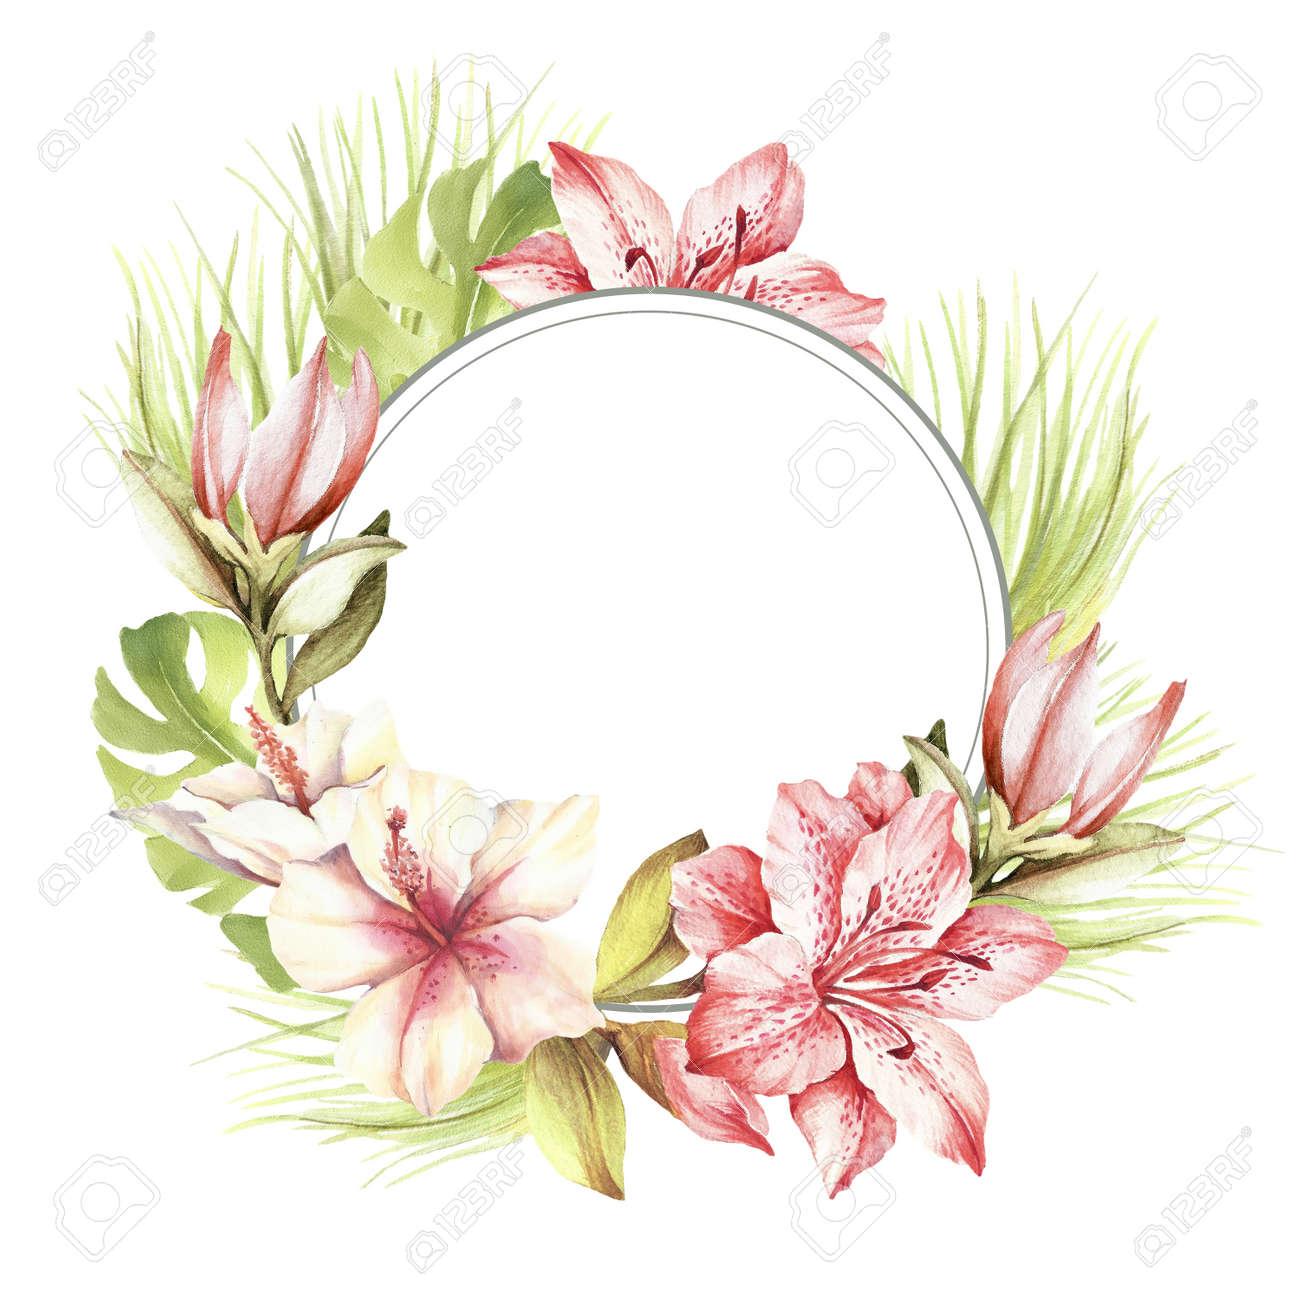 Marco Con Flores Tropicales Y Hojas Mano Dibujar La Ilustracion